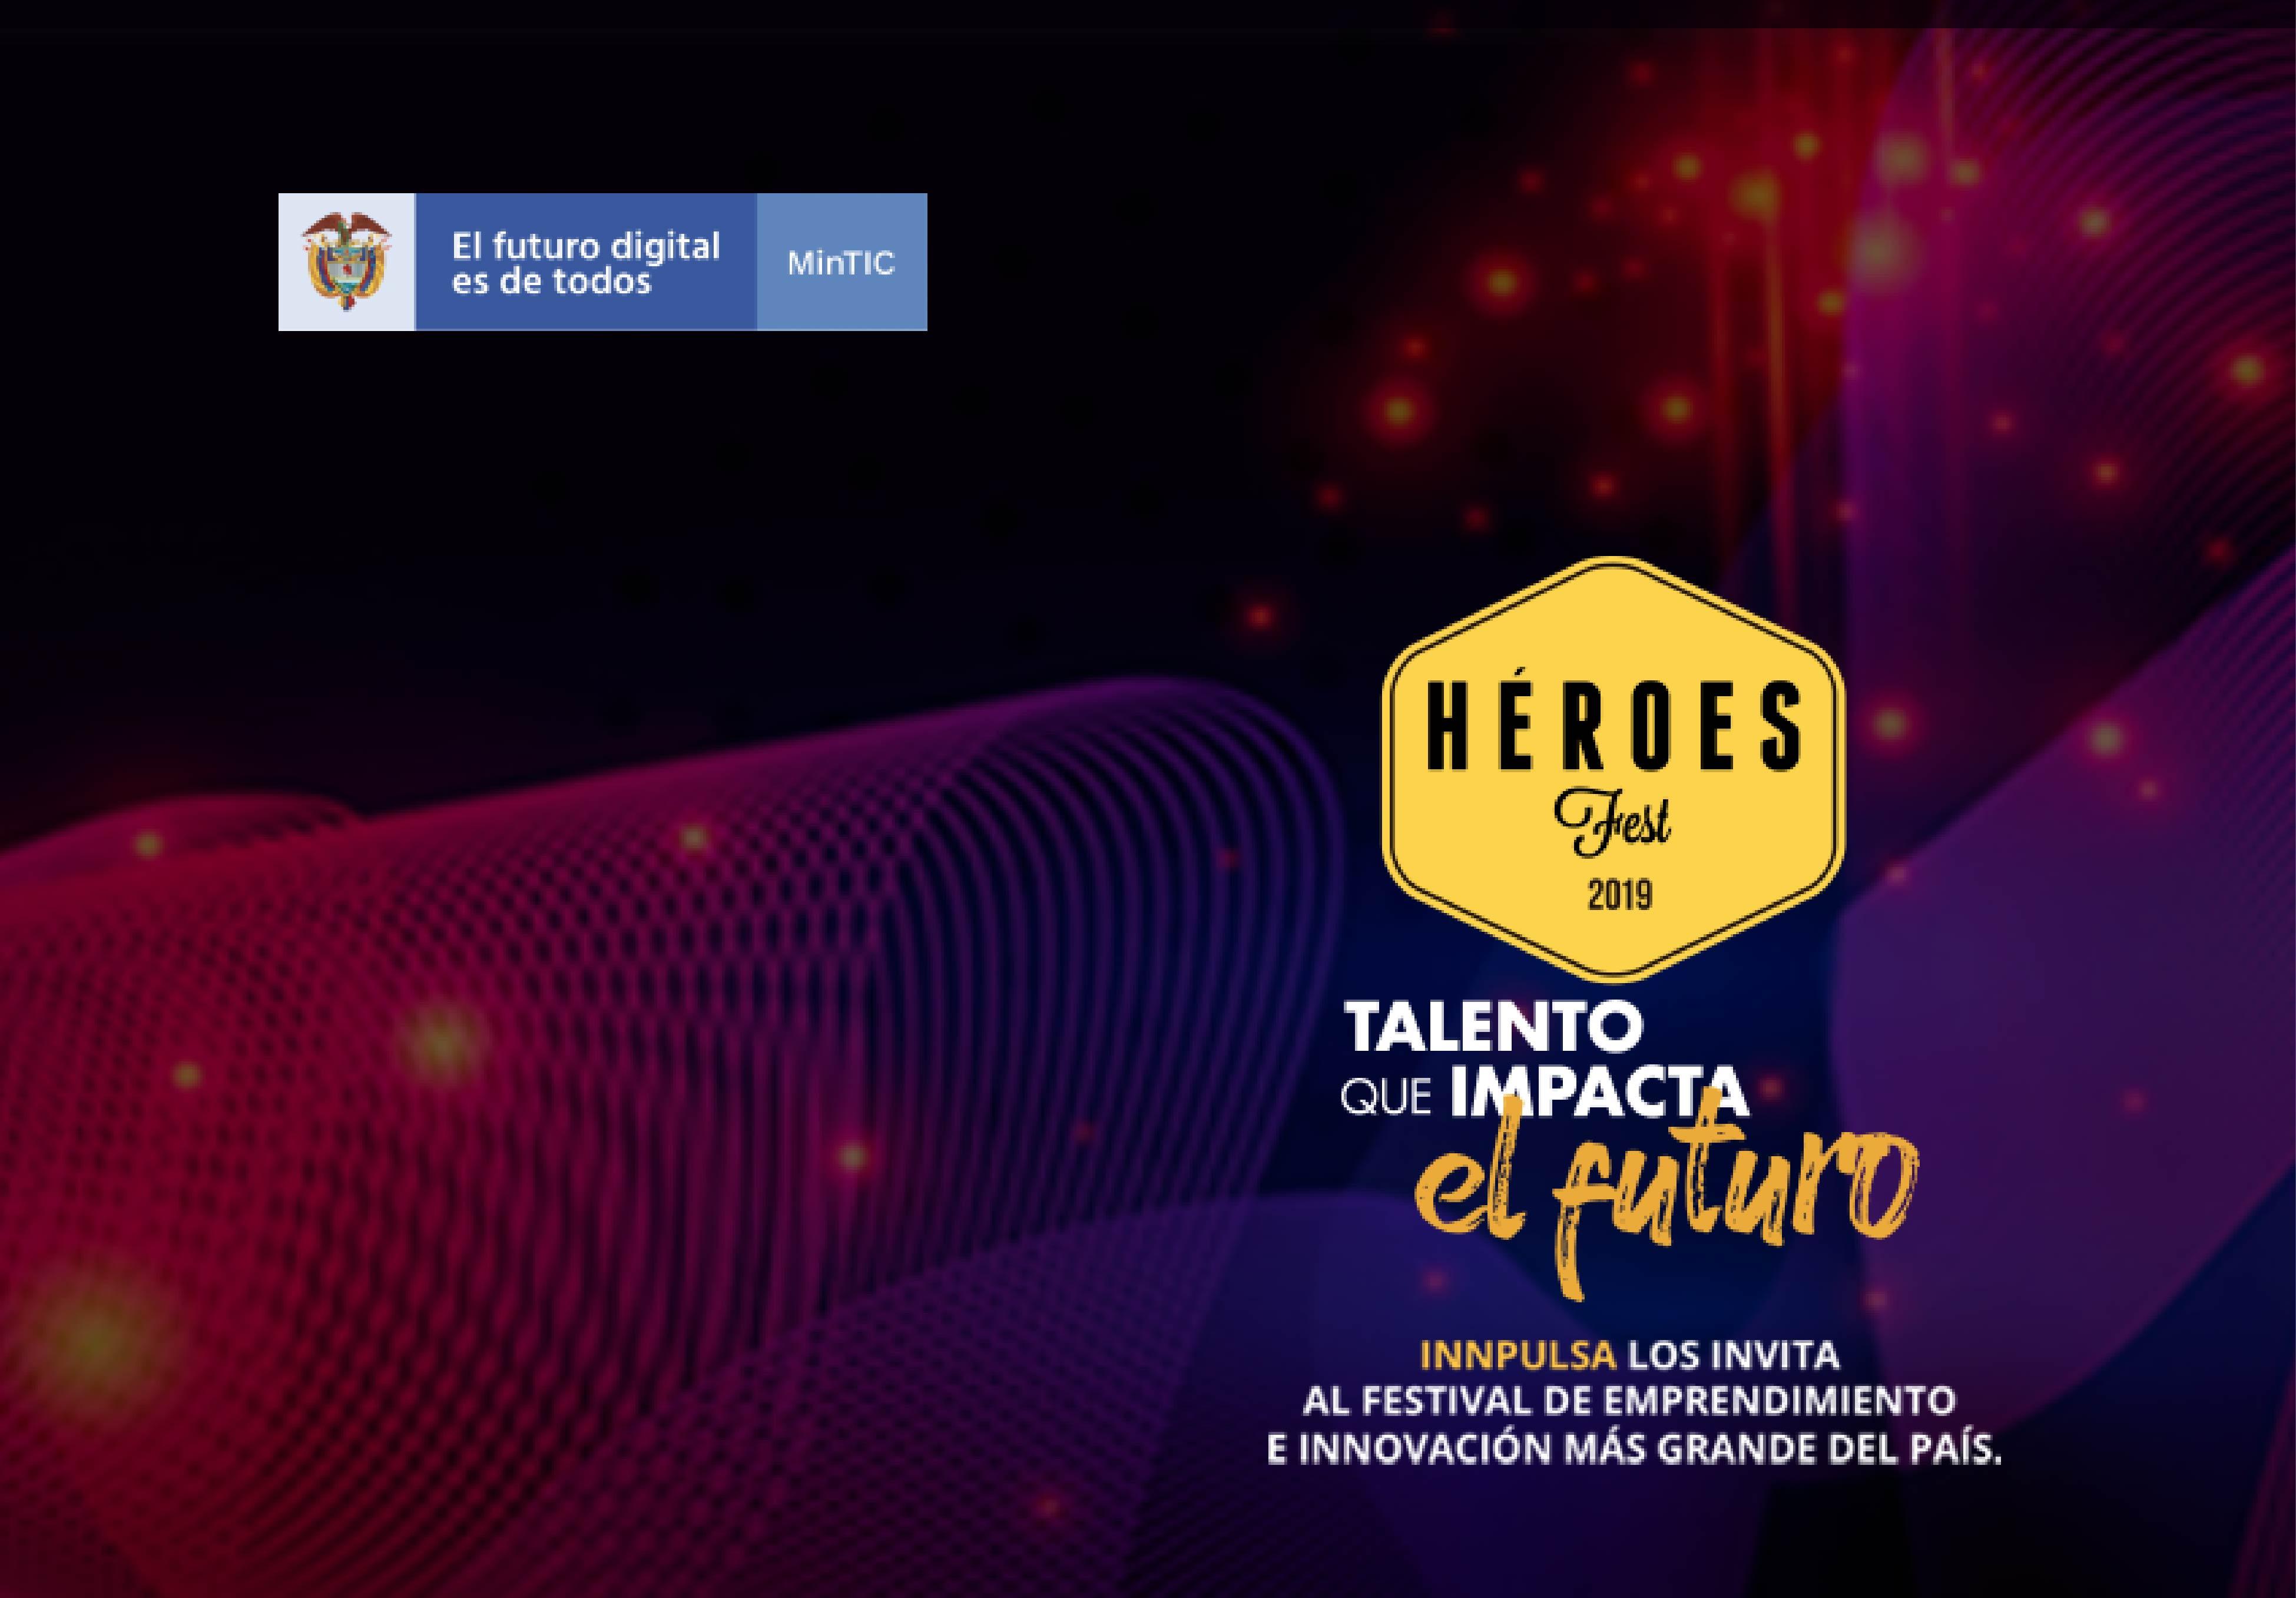 Héroes Fest, feria de emprendimiendo digital más grande de Colombia